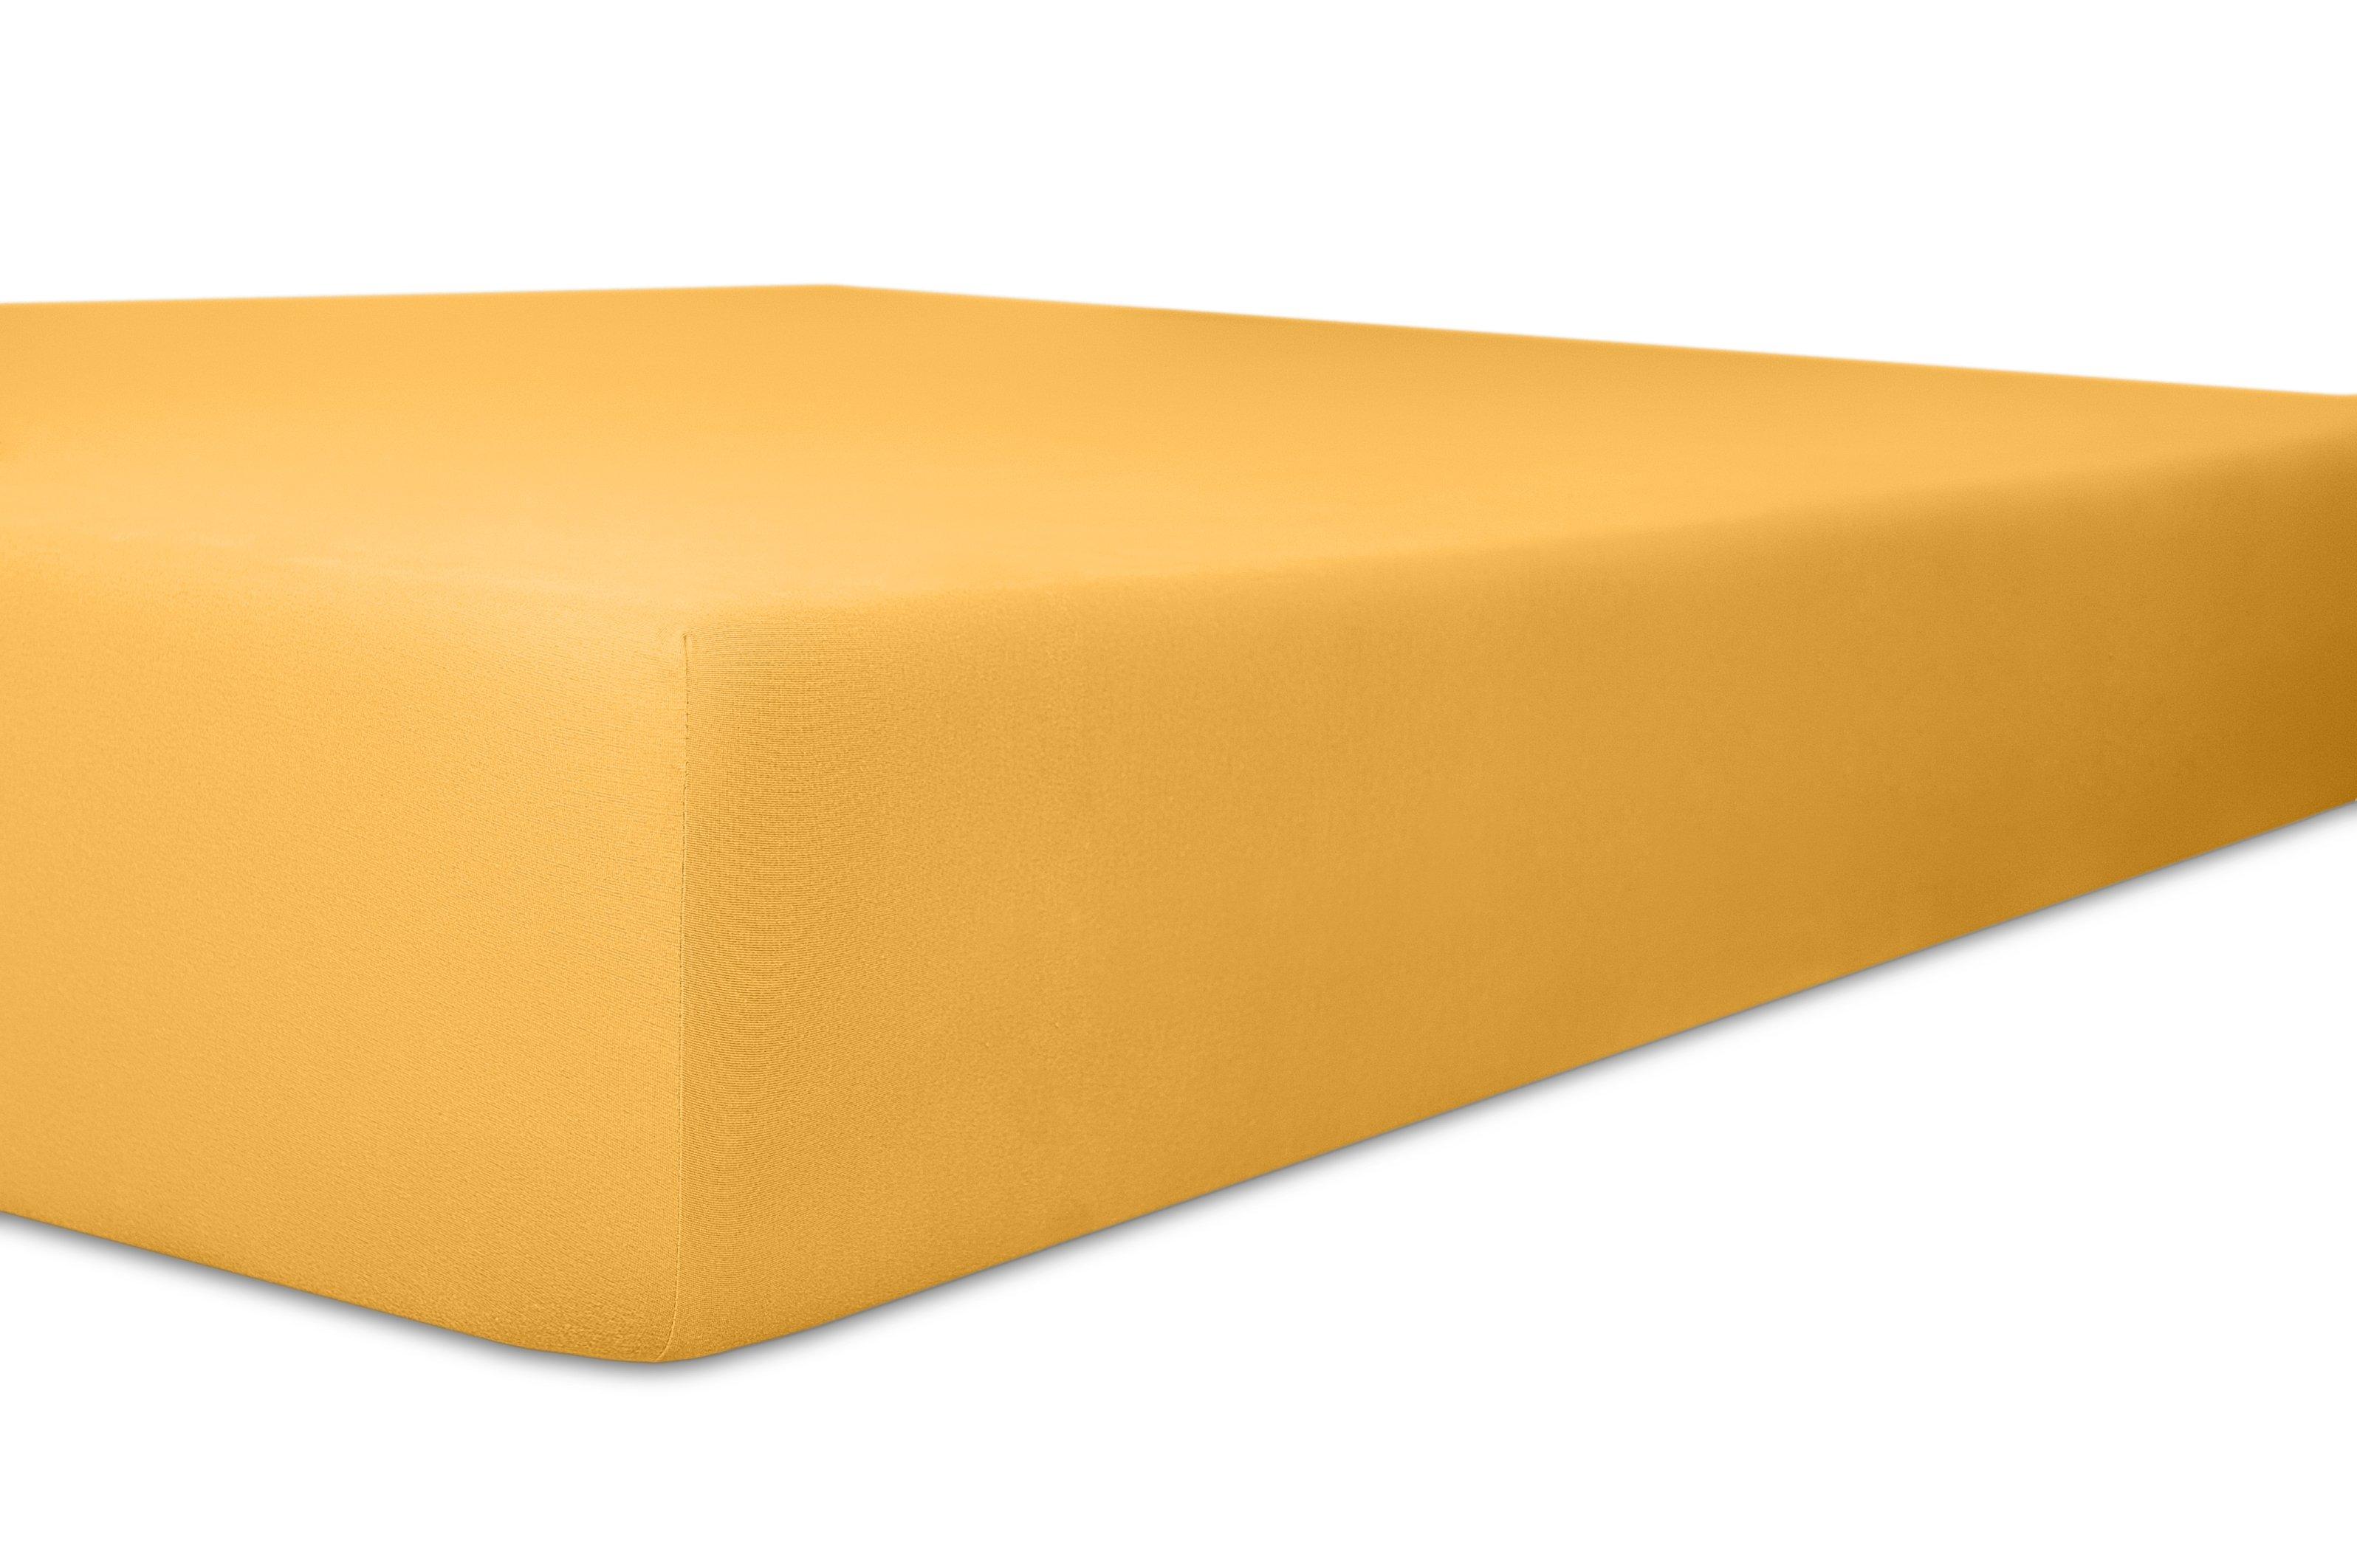 Spannbetttuch gelb,180x200cm